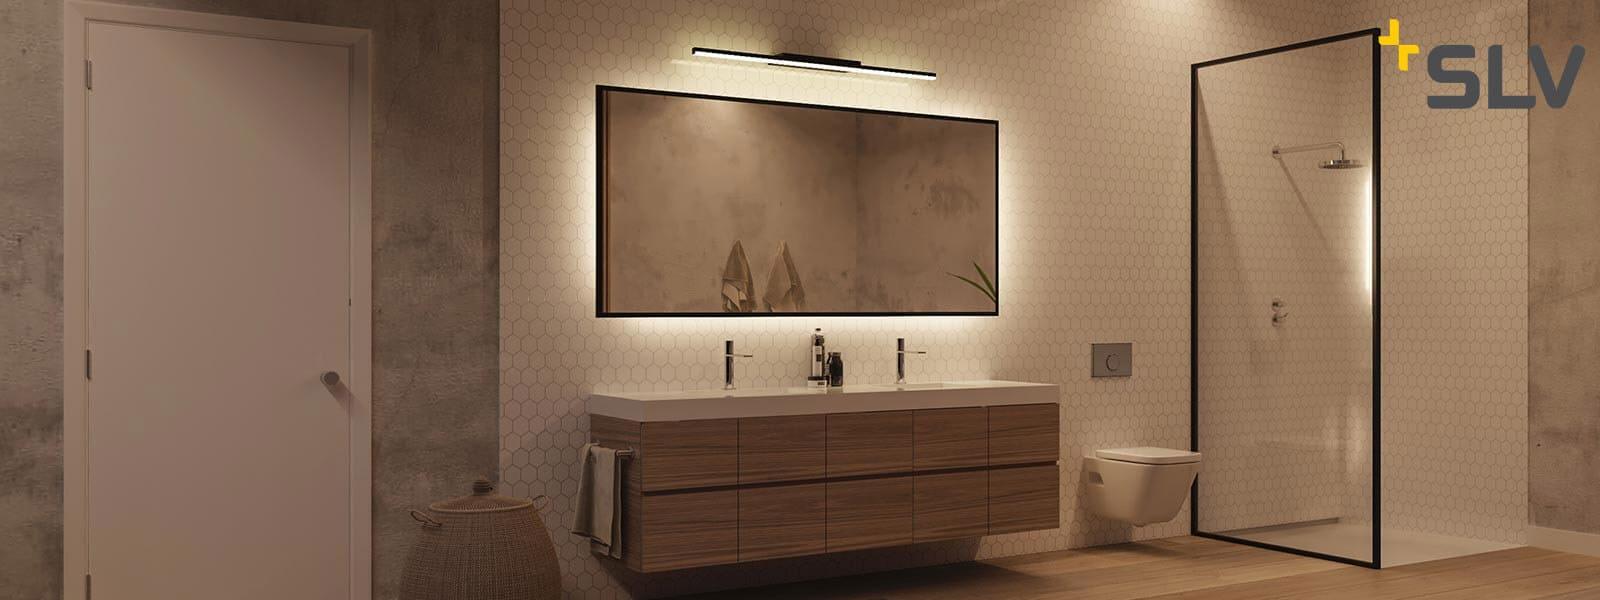 http://www.hulpbijverlichting.nl/documenten/image/hulp-bij-verlichting-lichtplan-maken-voor-een-badkamer-02.jpg